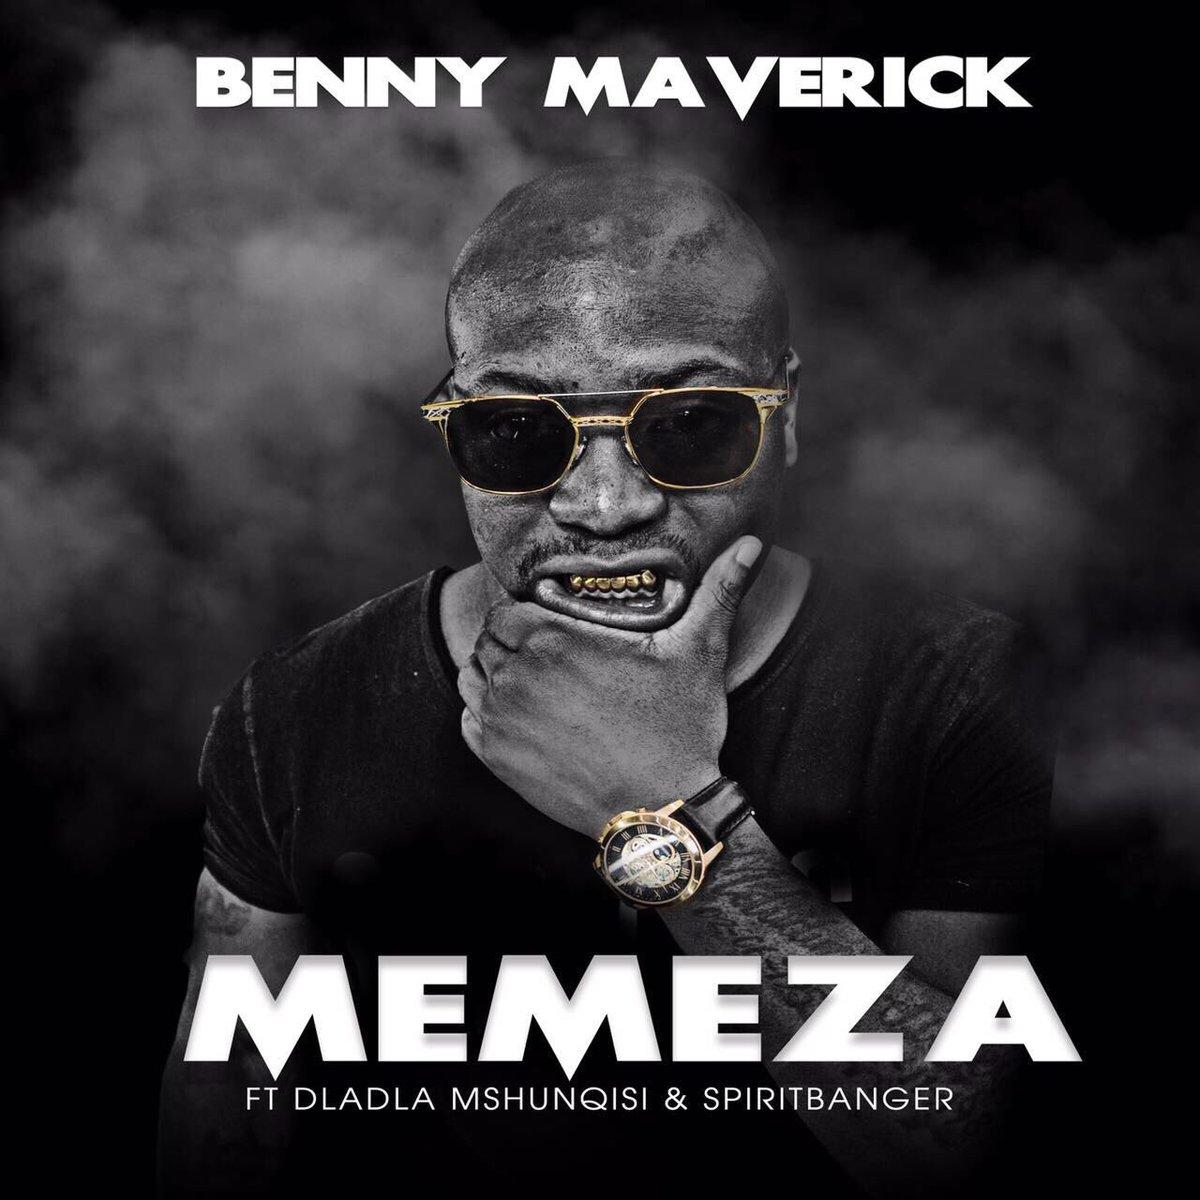 Benny Maverick - Memeza Lyrics